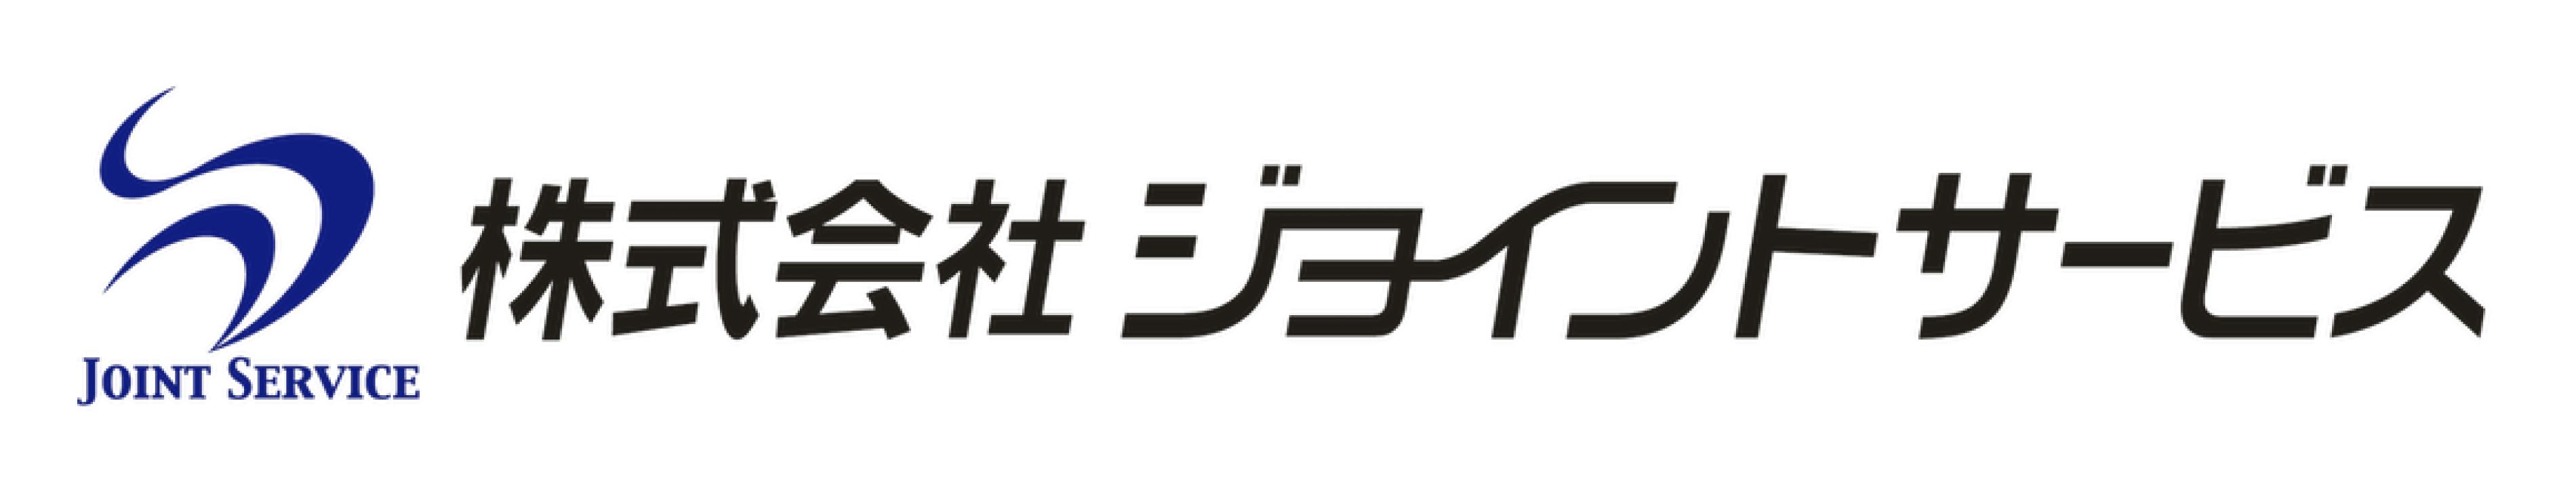 株式会社ジョイントサービス